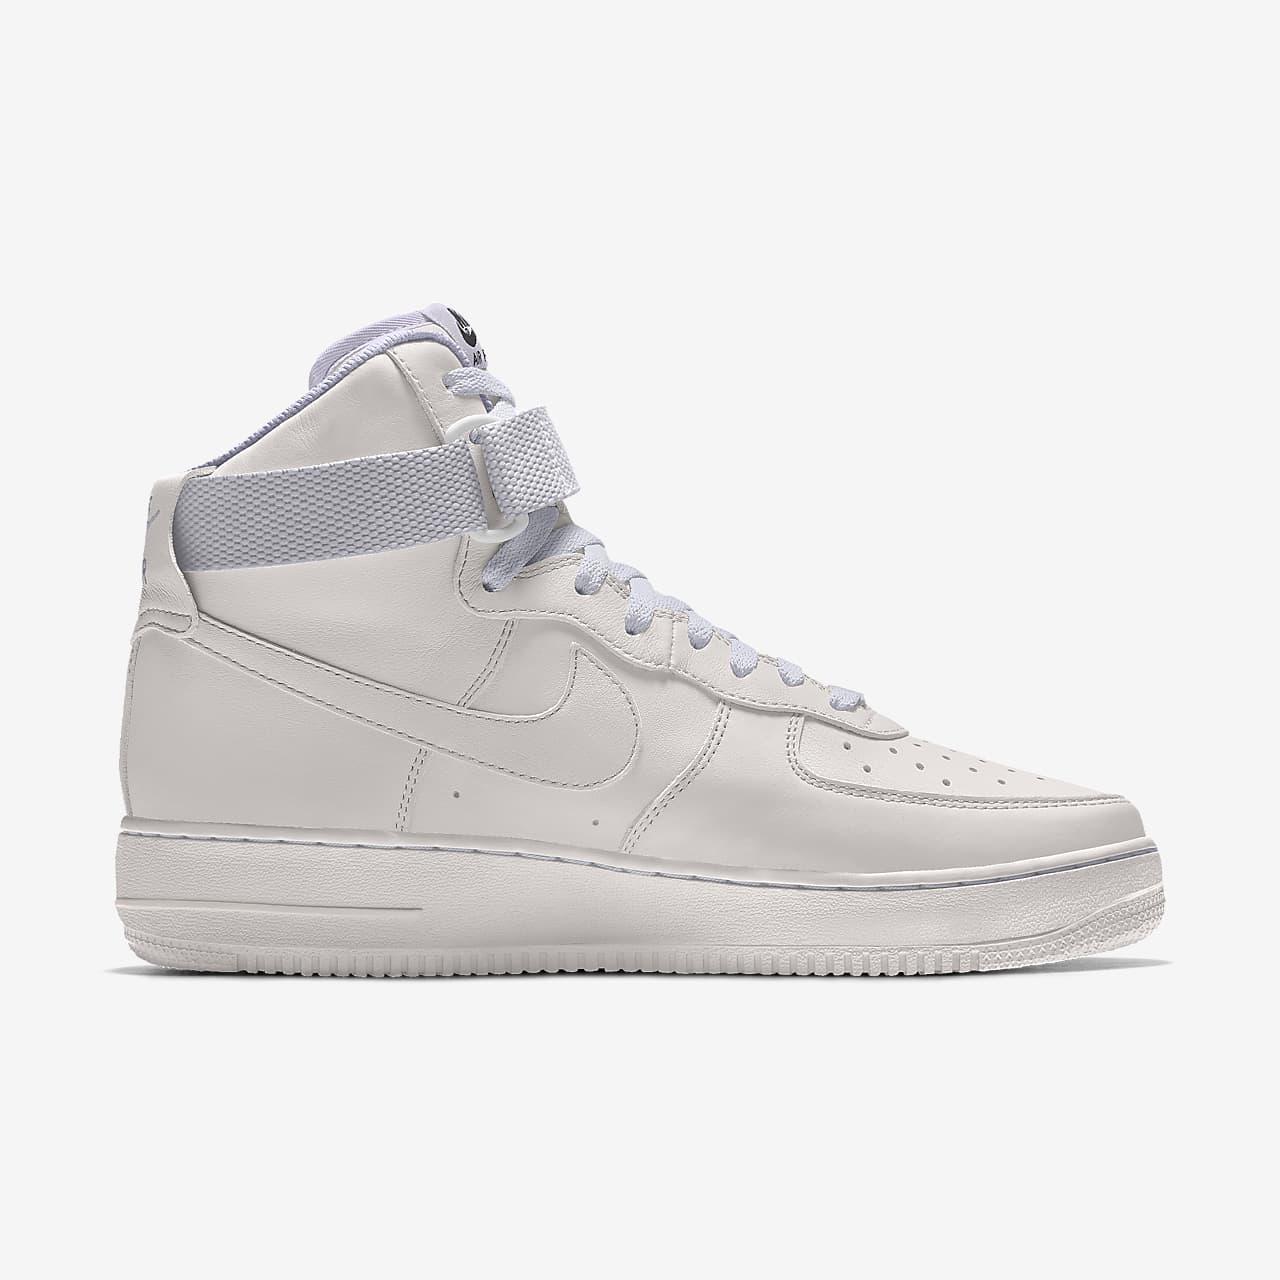 Nike Air Force 1 High By You Custom